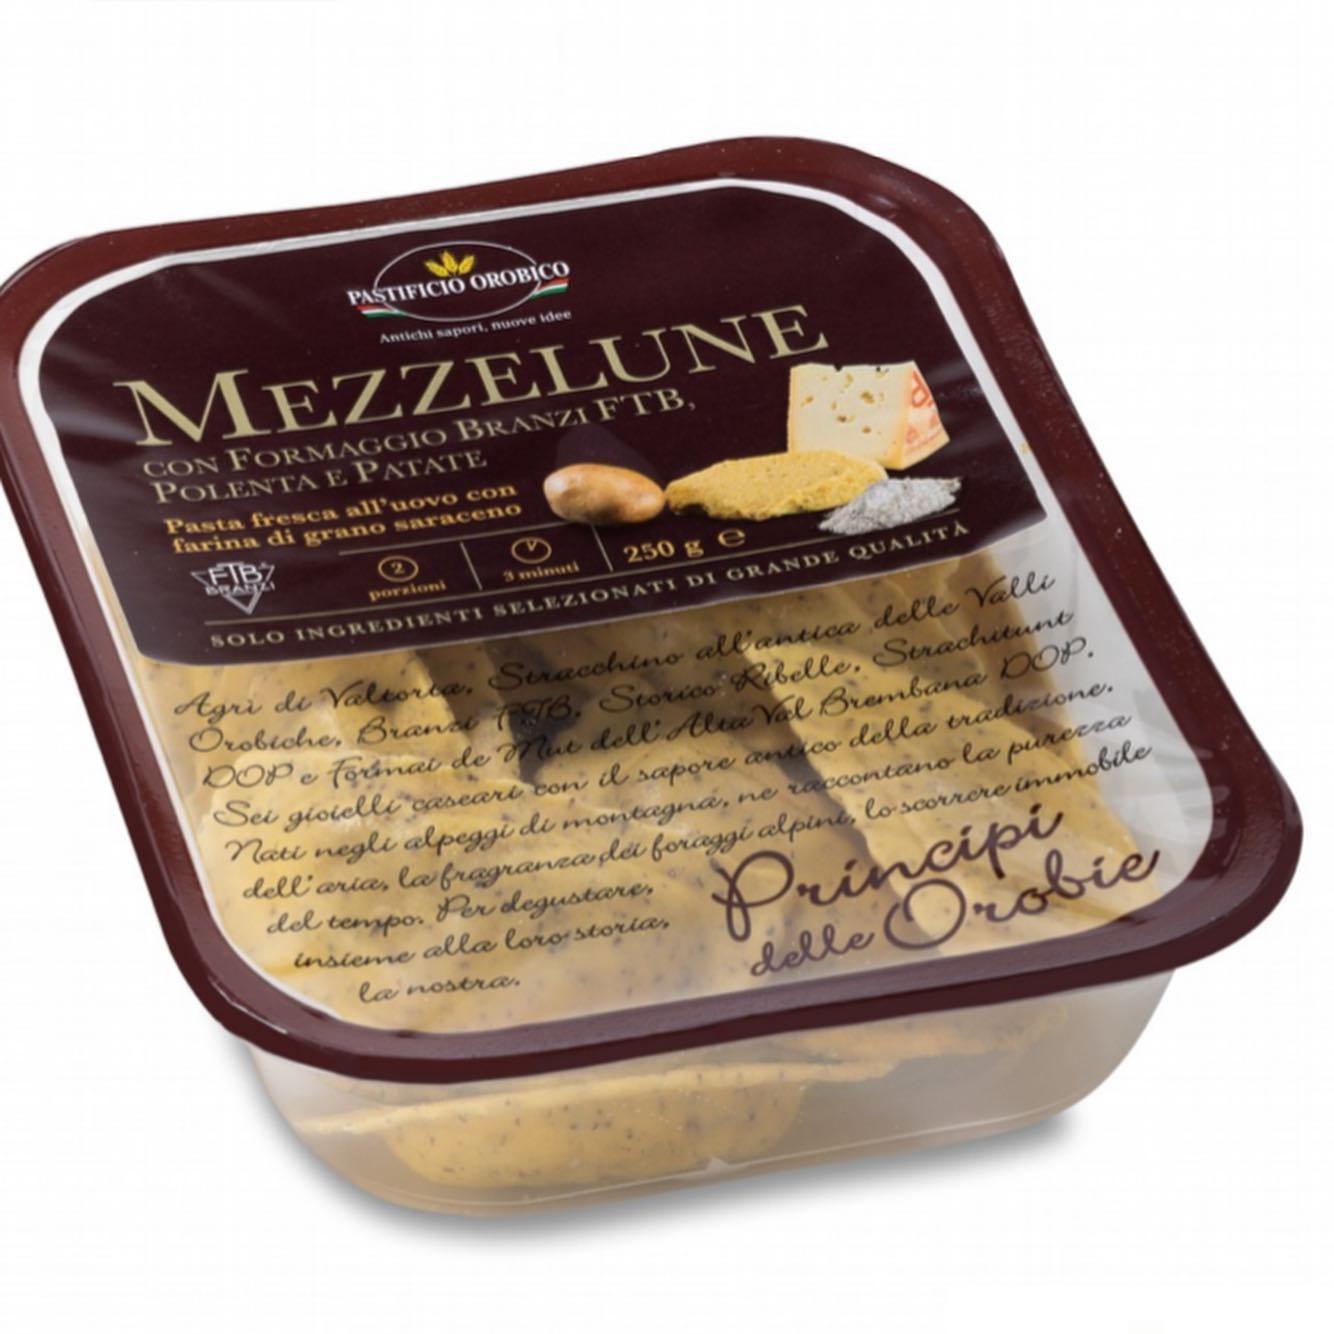 Mezze-Lune-Con-Formaggio-Branzi-Ftb-Polenta-E-Patate